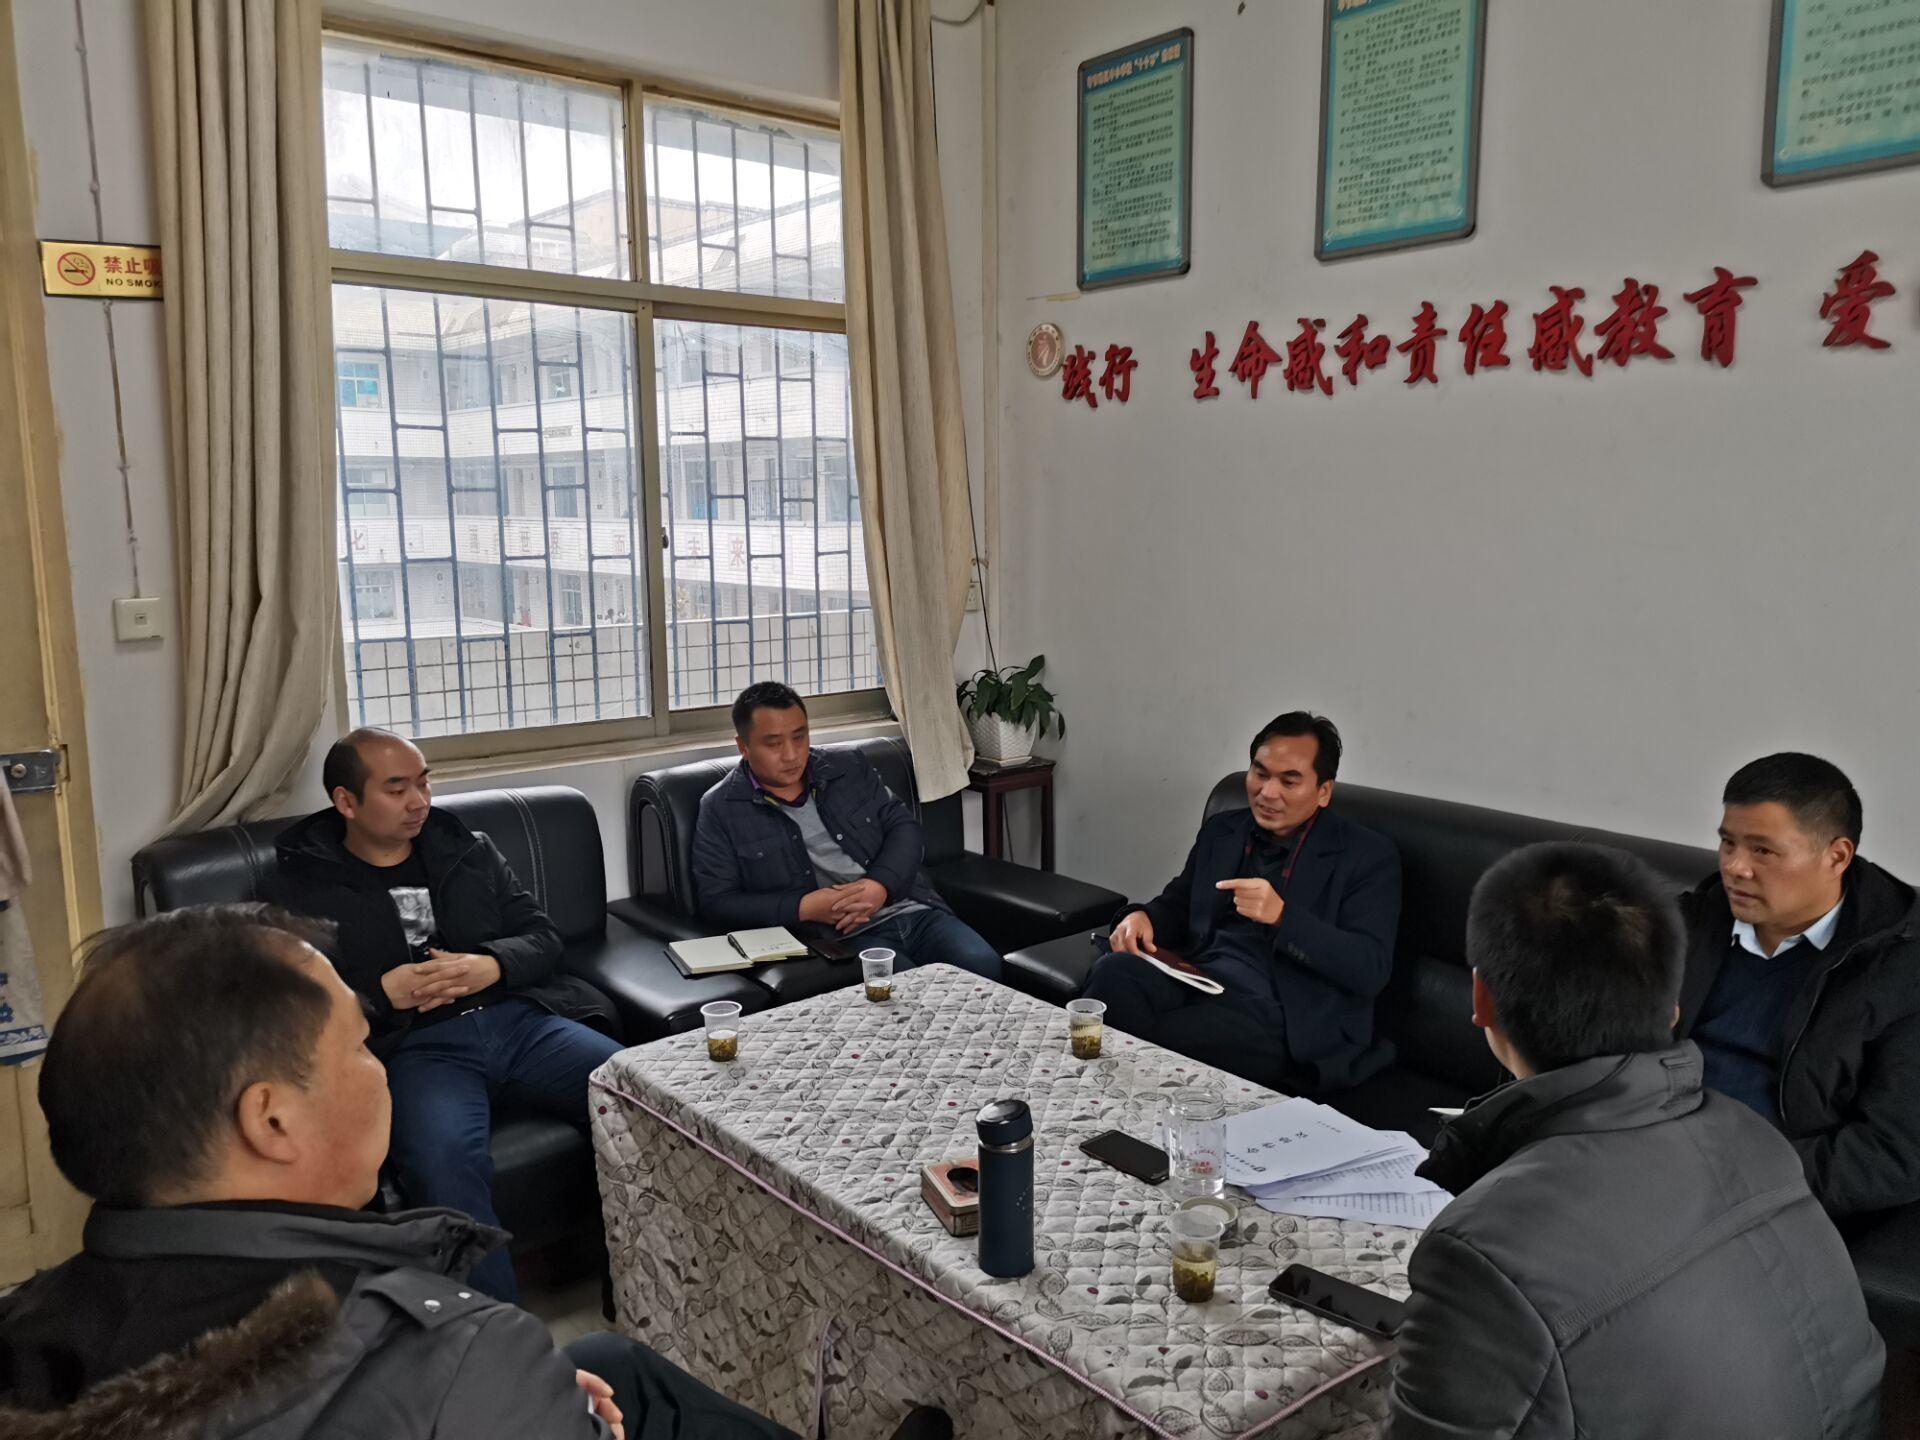 指导明方向 调研送温暖―威宁县教育科技局领导莅临威宁民族中学